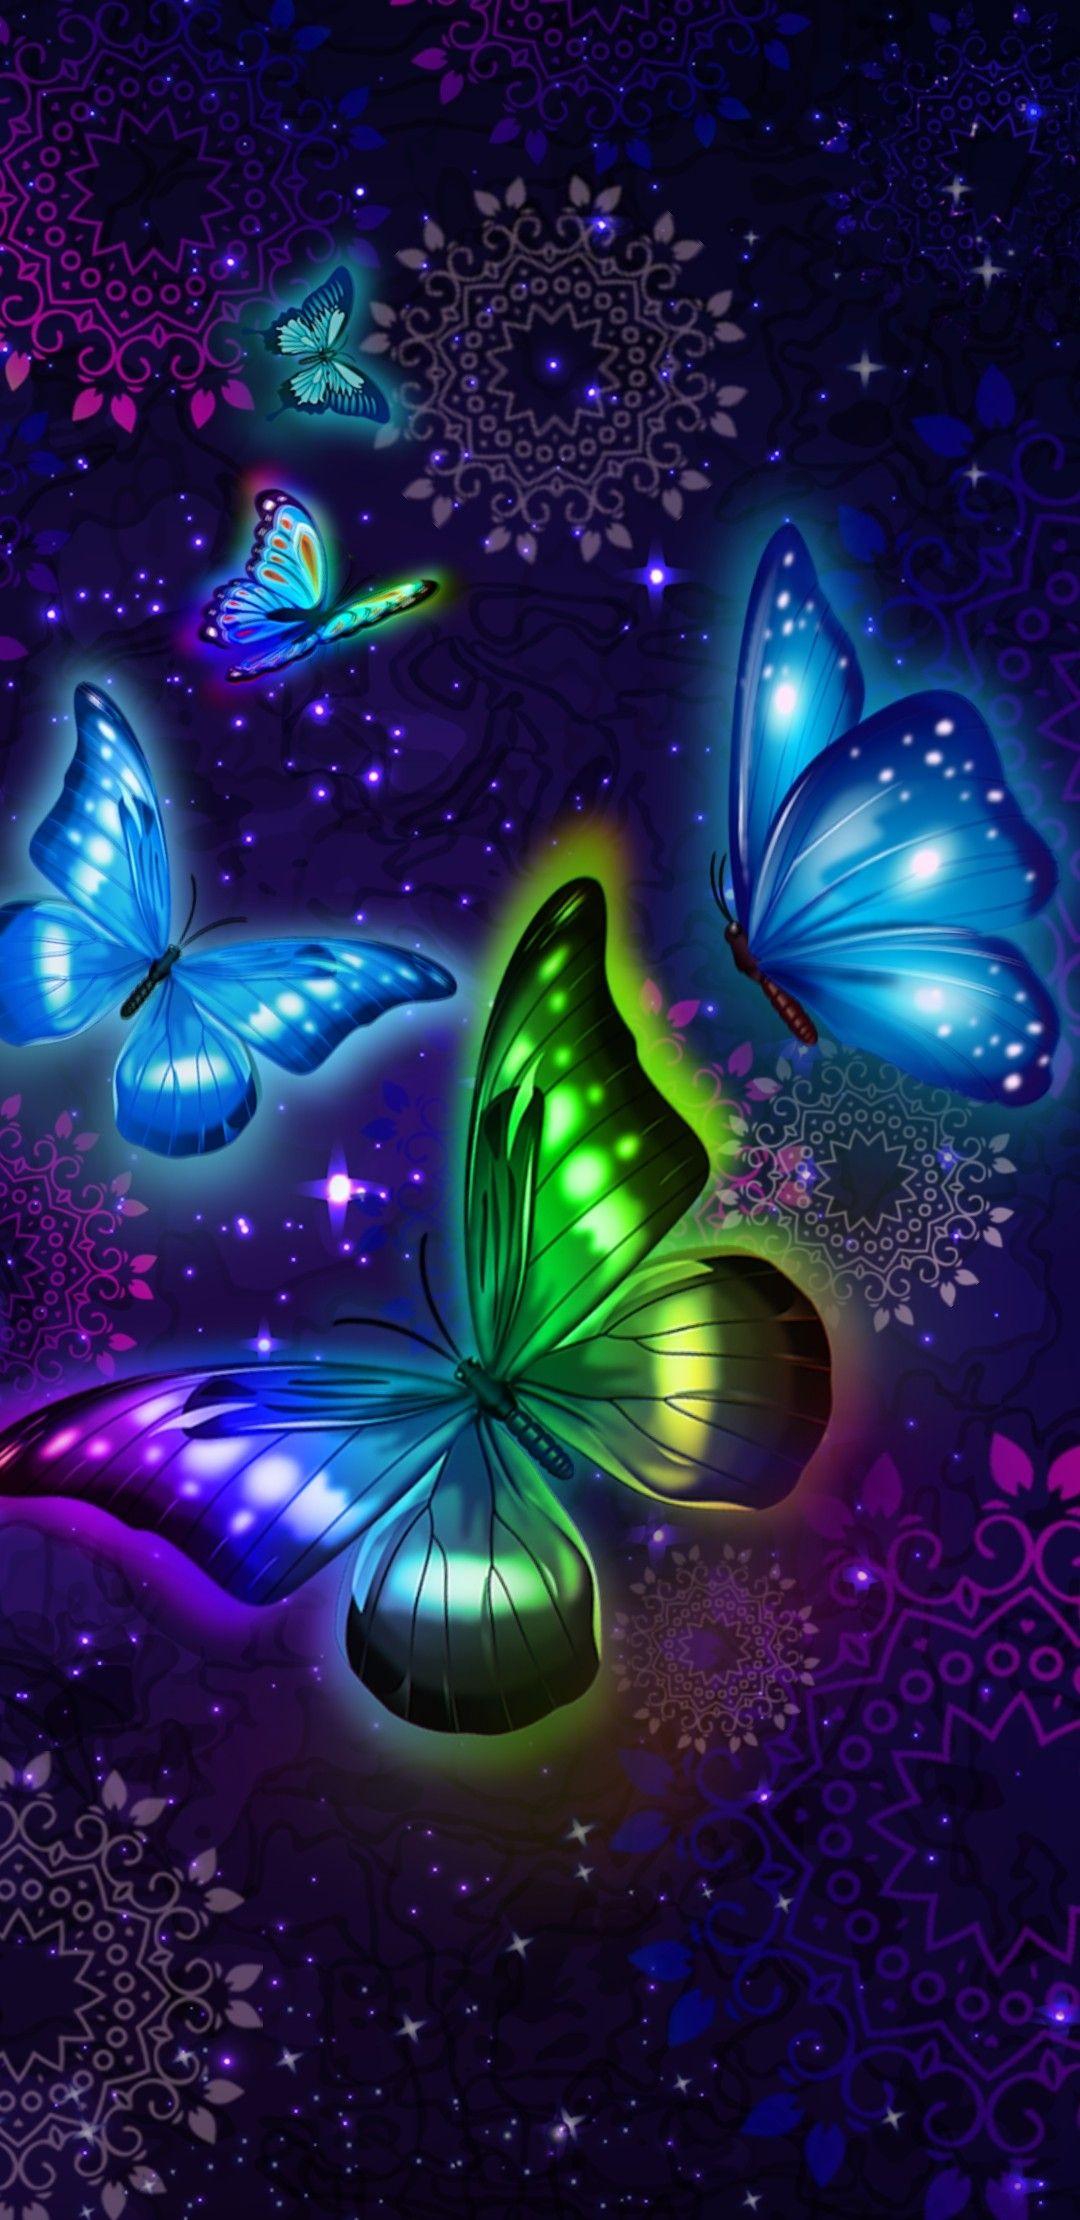 Wallpaper... By Artist Unknown... Butterfly wallpaper